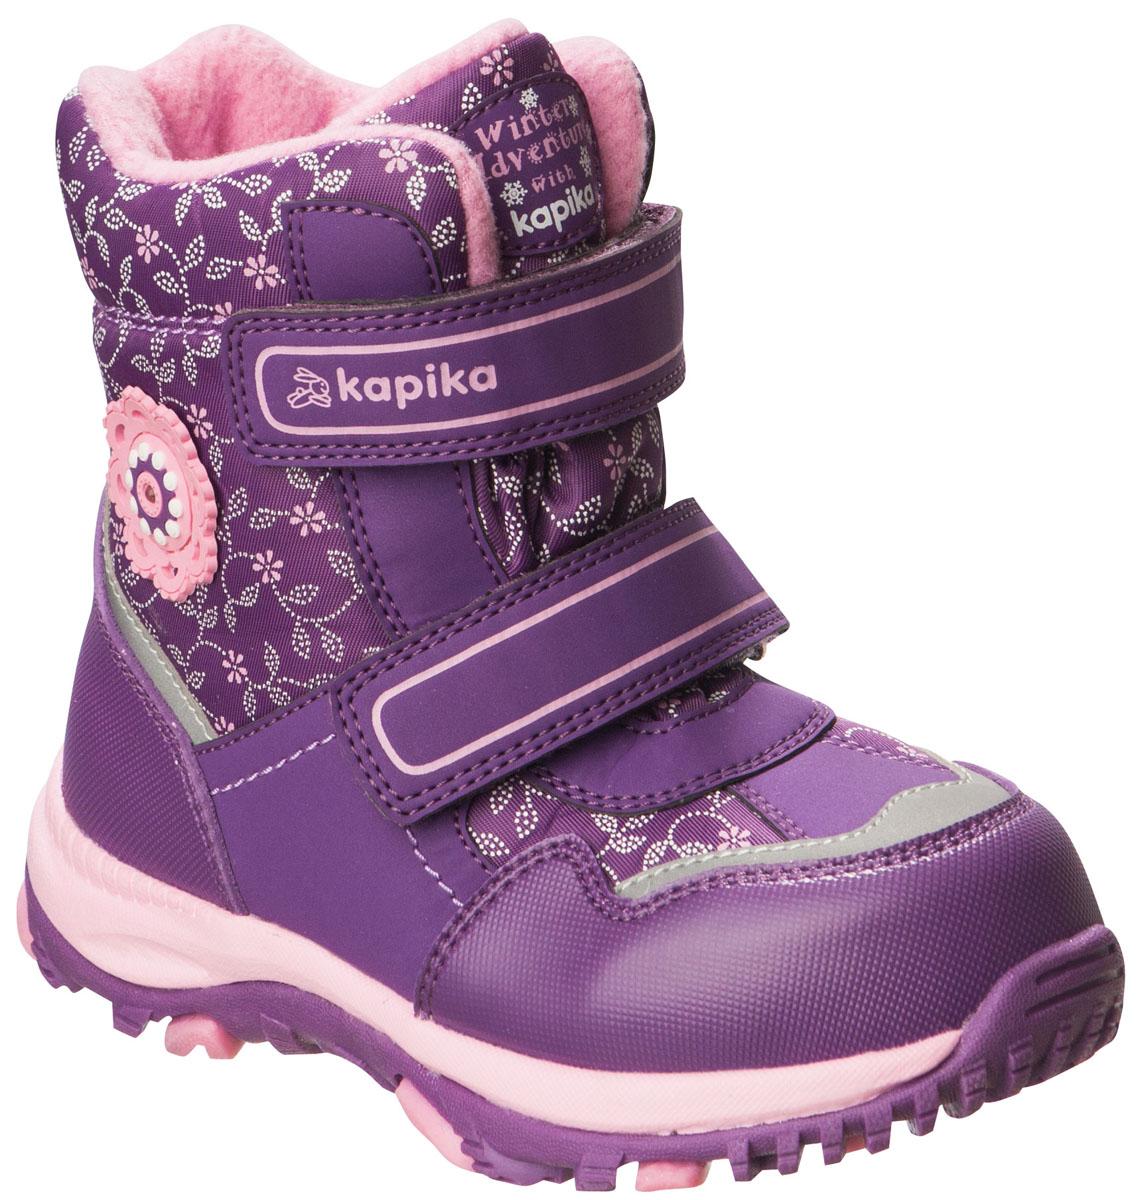 41180-1Легкие, удобные и теплые ботинки от Kapika выполнены из мембранных материалов и искусственной кожи. Два ремешка на застежках-липучках надежно фиксируют изделие на ноге. Мягкая подкладка и стелька из шерсти обеспечивают тепло, циркуляцию воздуха и сохраняют комфортный микроклимат в обуви. Подошва с протектором гарантирует идеальное сцепление с любыми поверхностями. Идеальная зимняя обувь для активных детей. Модель большемерит на 1 размер.